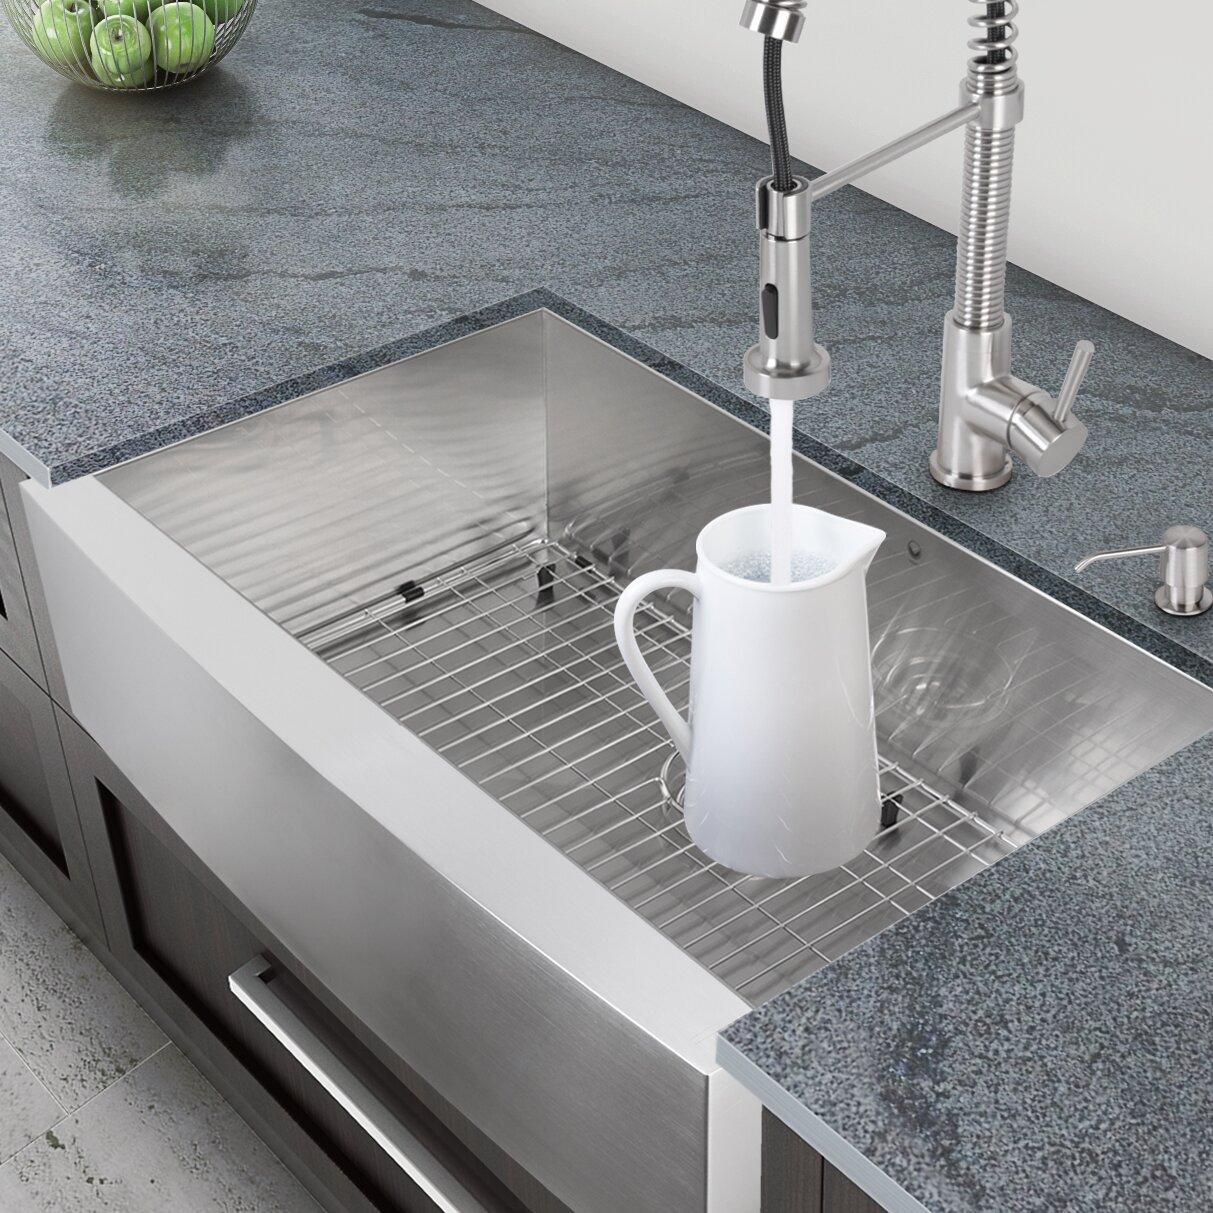 Vigo 33 inch Farmhouse Apron Single Bowl 16 Gauge Stainless Steel Kitchen Sin